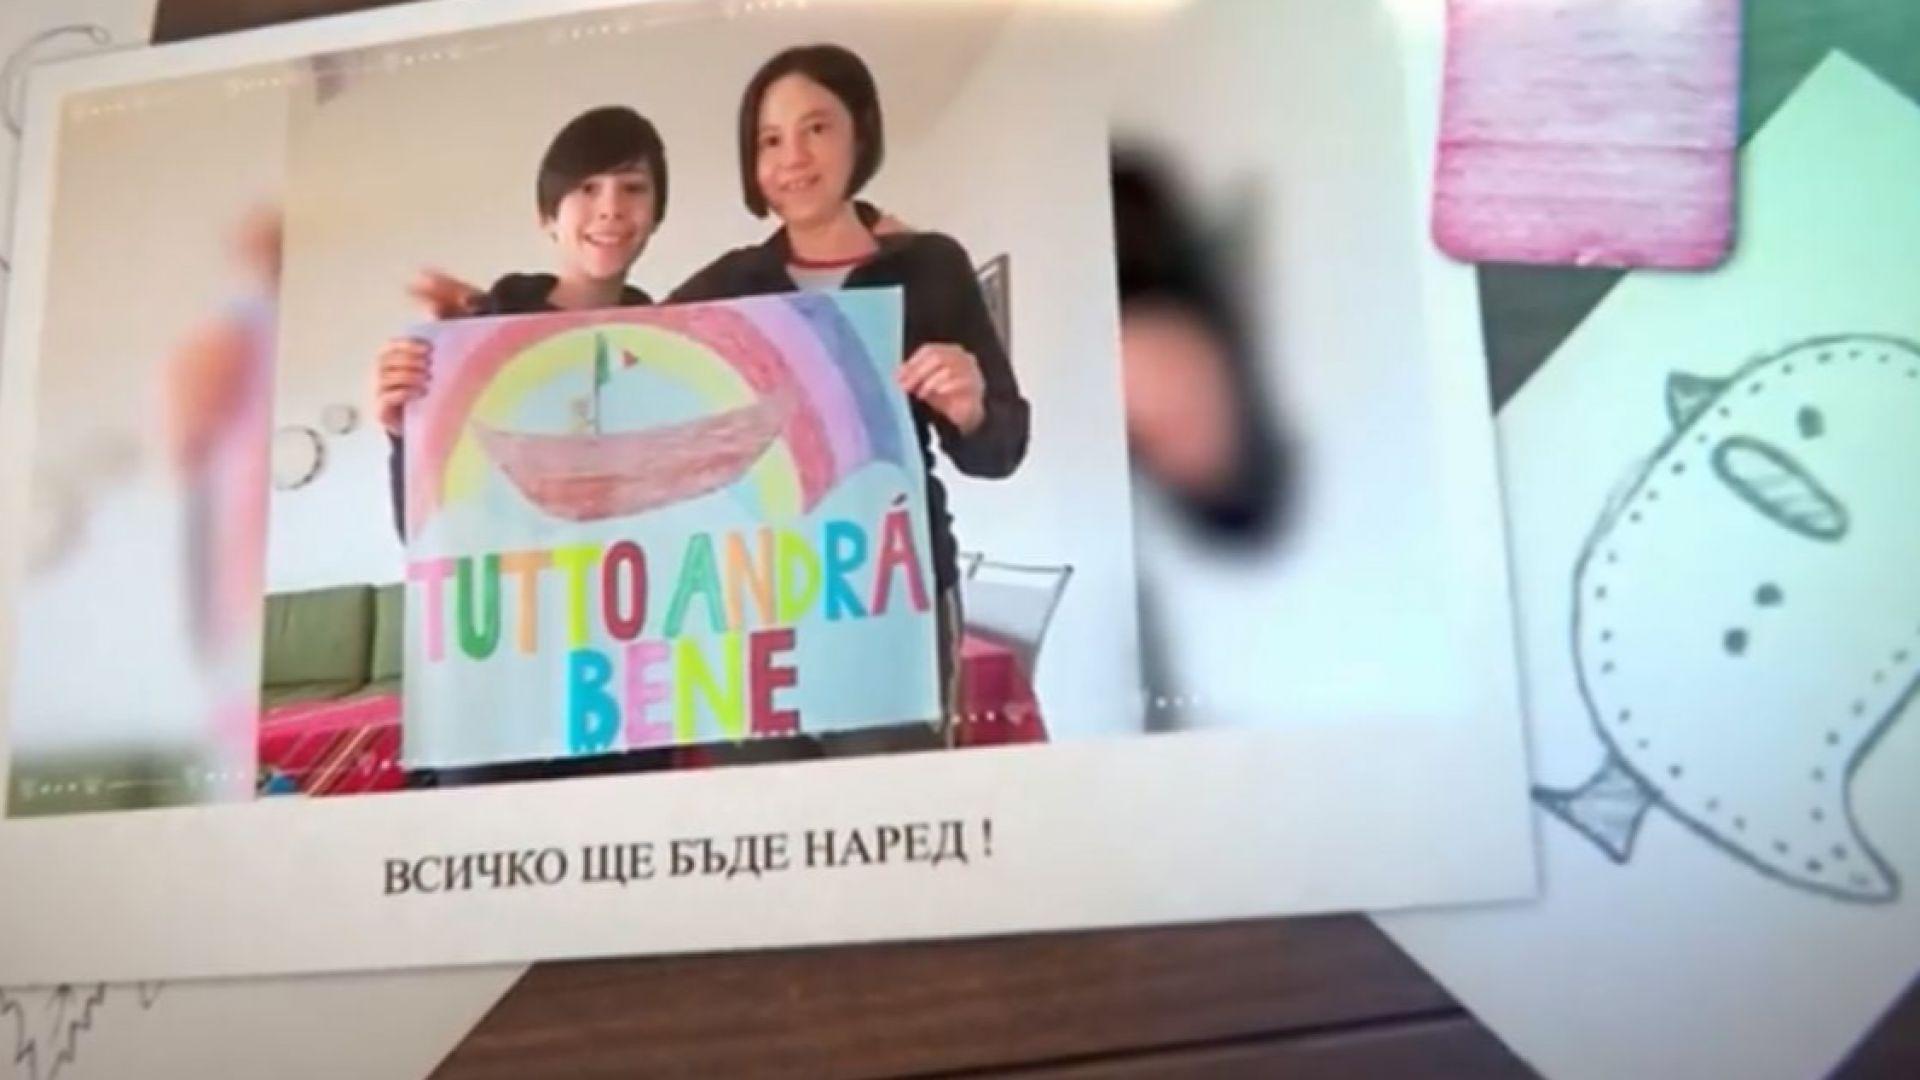 Българи в Италия с обръщение към всички сънародници: Да си подадем ръка и всичко ще бъде наред